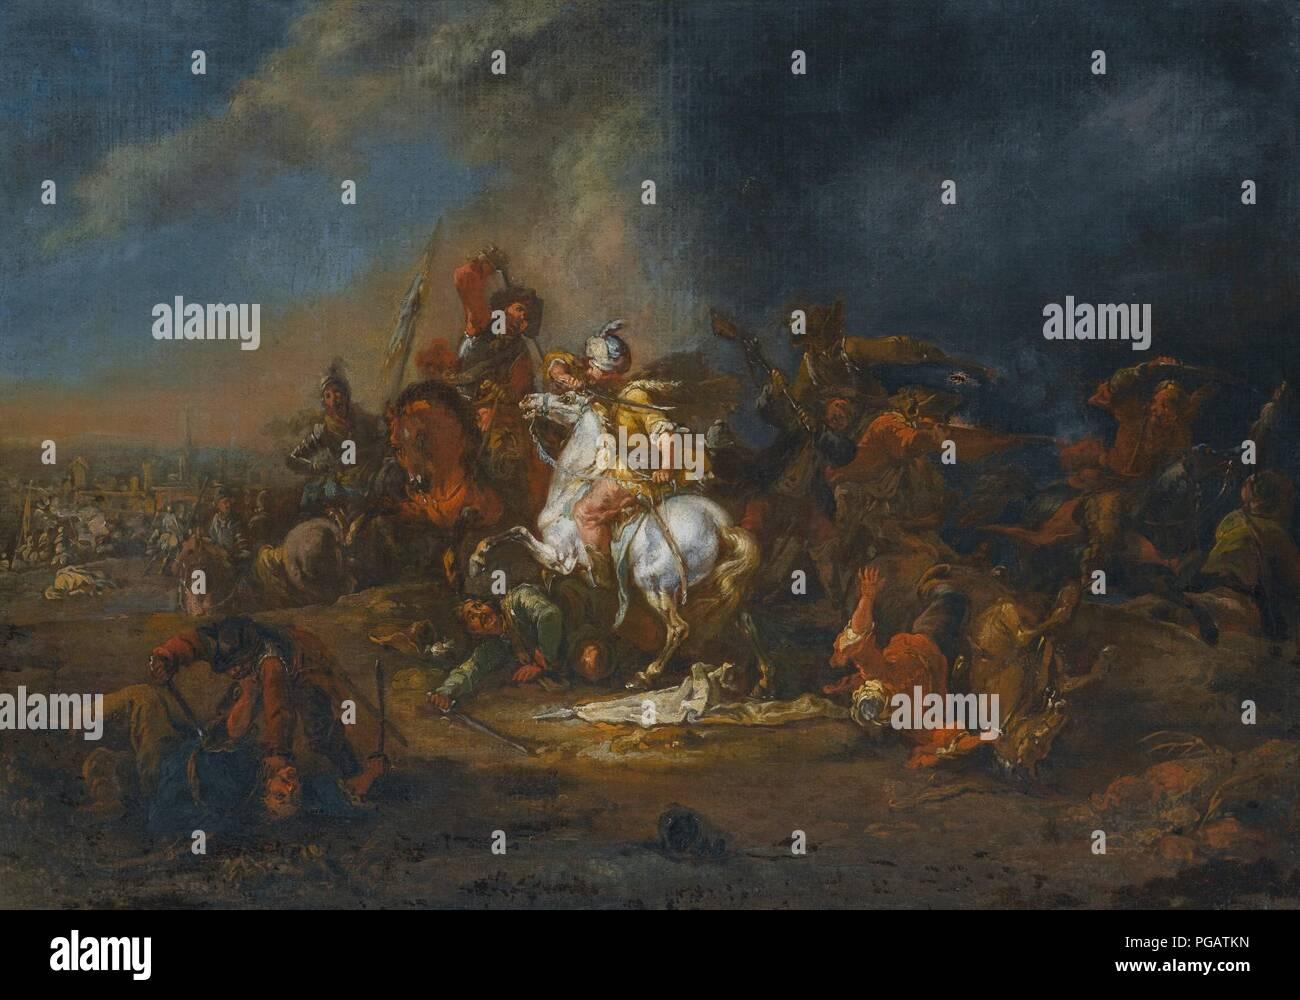 August Querfurt - Kavallerie-Gefecht zwischen Türken und Christen (01). - Stock Image